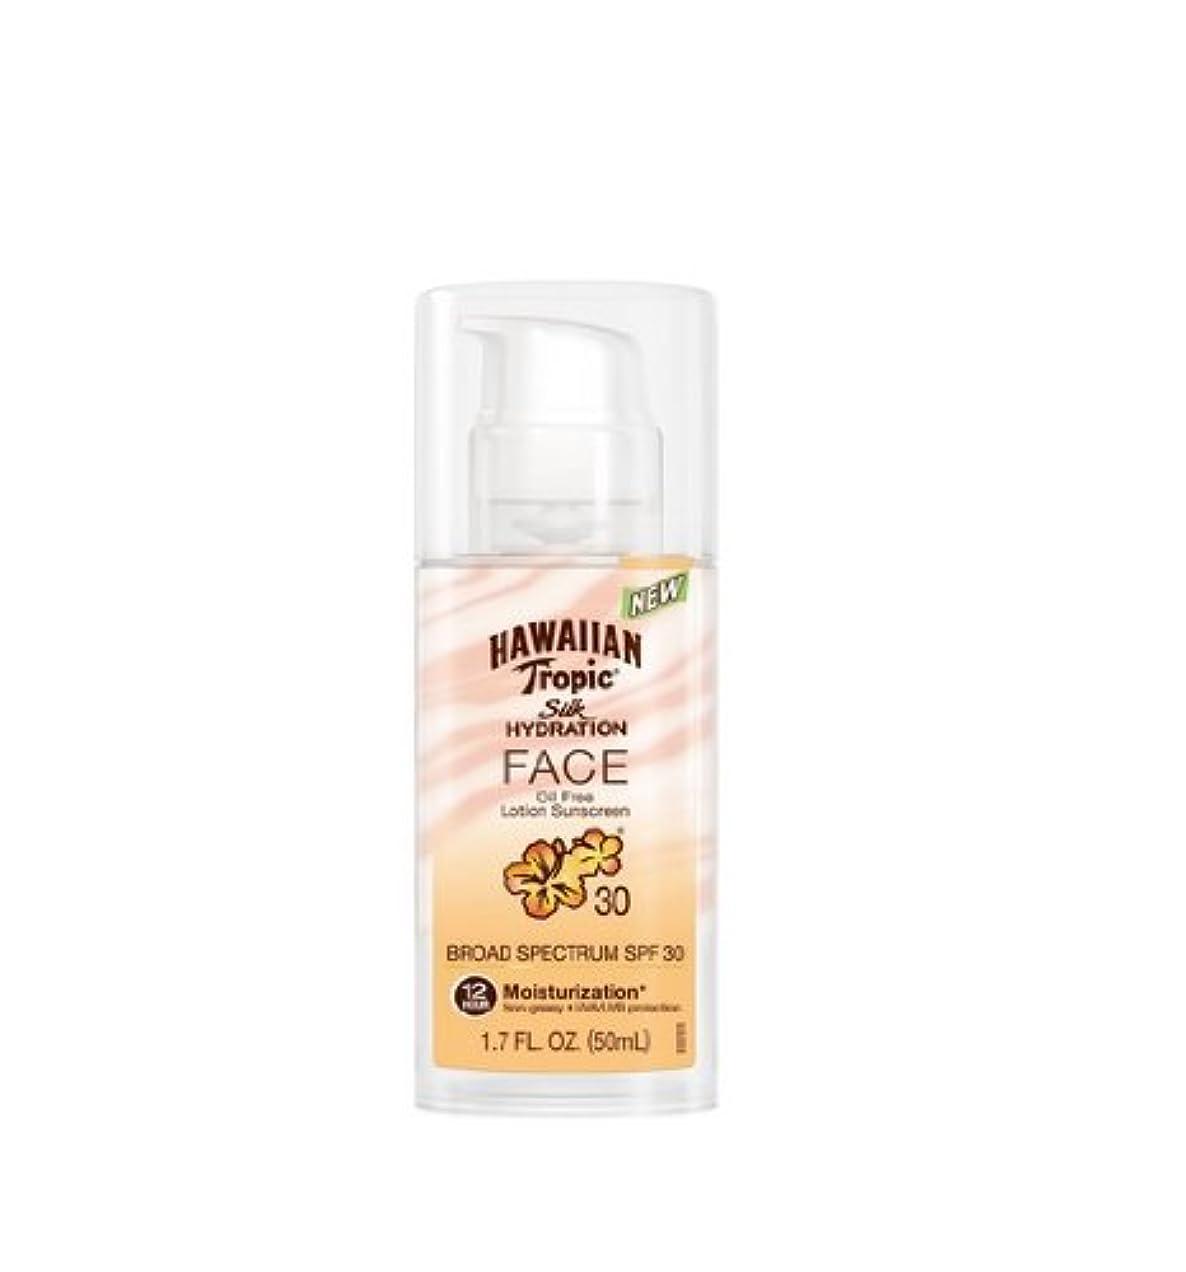 力書道迷路【お顔専用日焼け止め】ハワイアントロピック Hawaiian Tropic Silk Hydration Face Lotion 【12時間持続】 SPF 30, 1.7 Ounce  ハワイ直送品